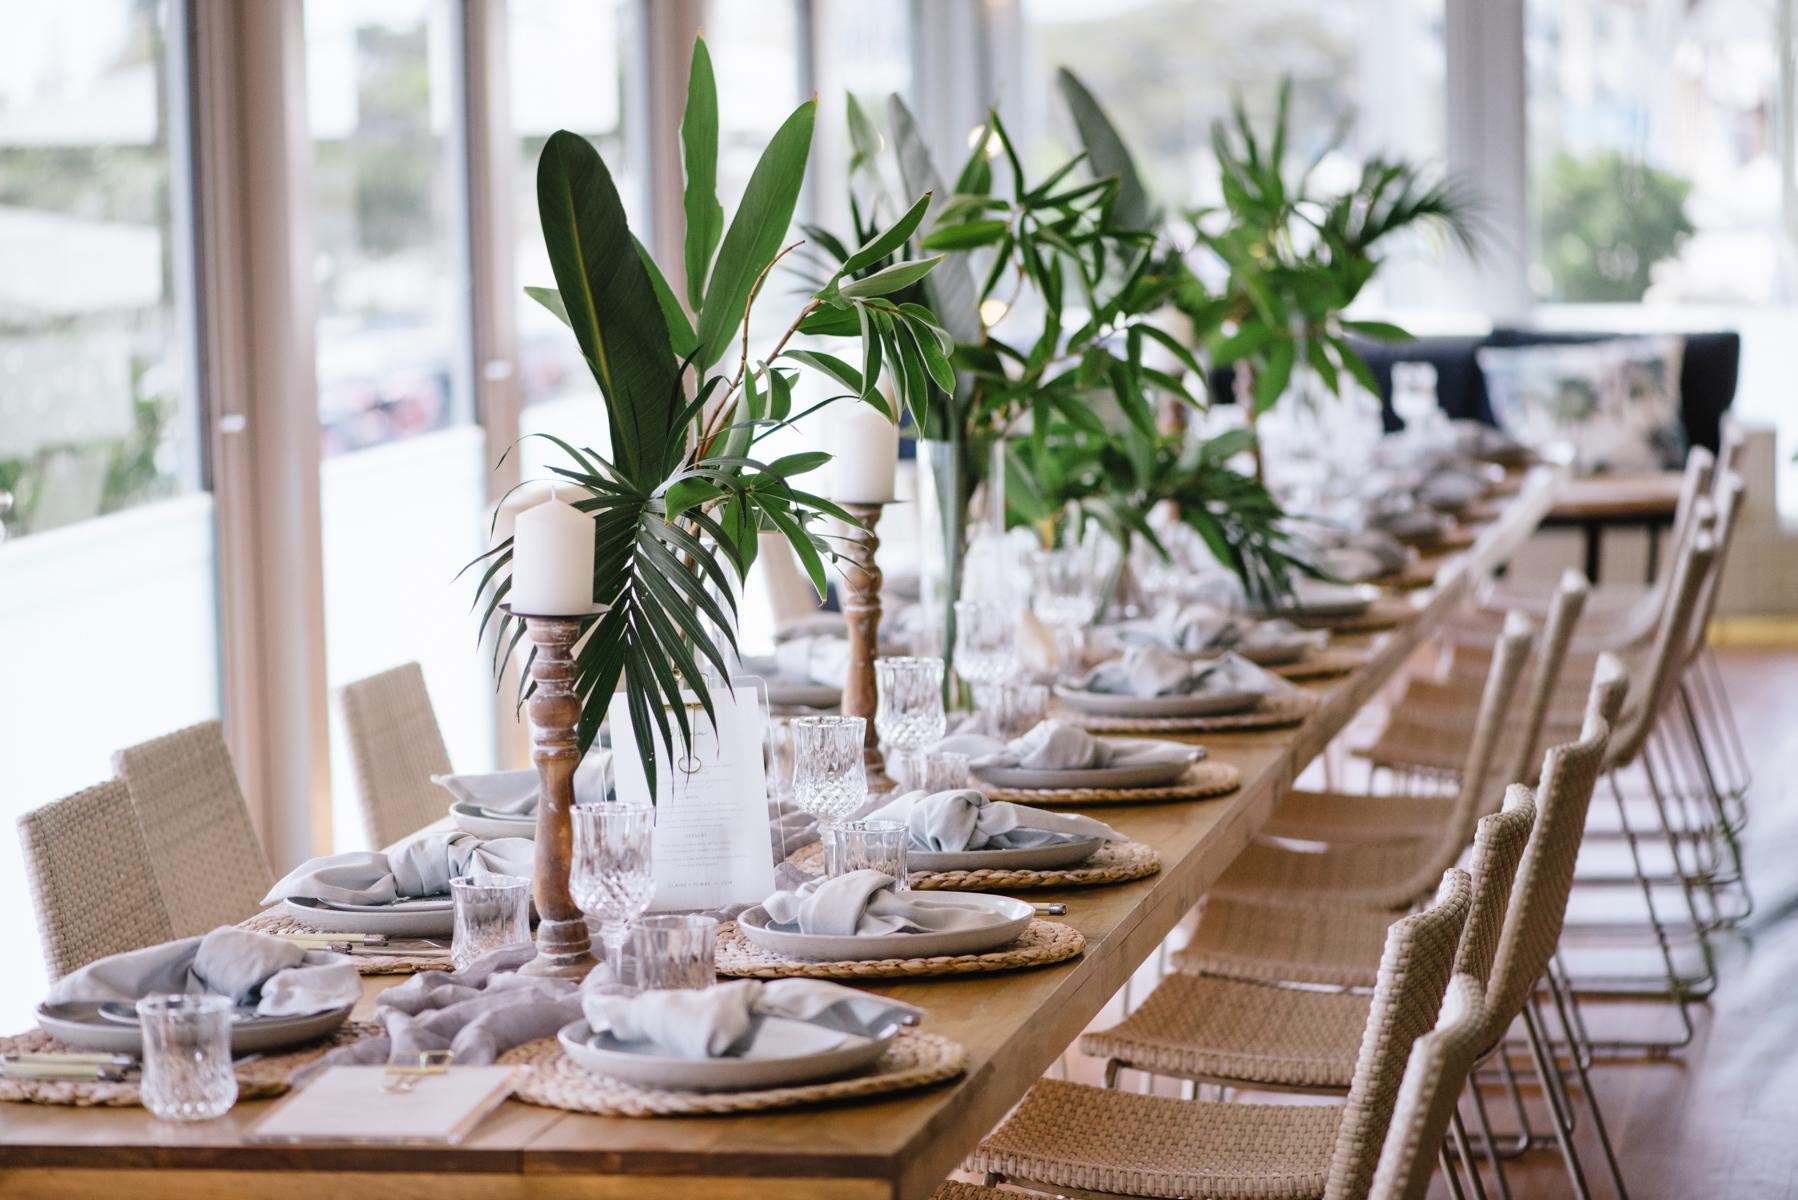 babalou-wedding- skyla sage photography weddings, families, byron bay,tweed coast,kingscliff,cabarita,gold coast-35.jpg